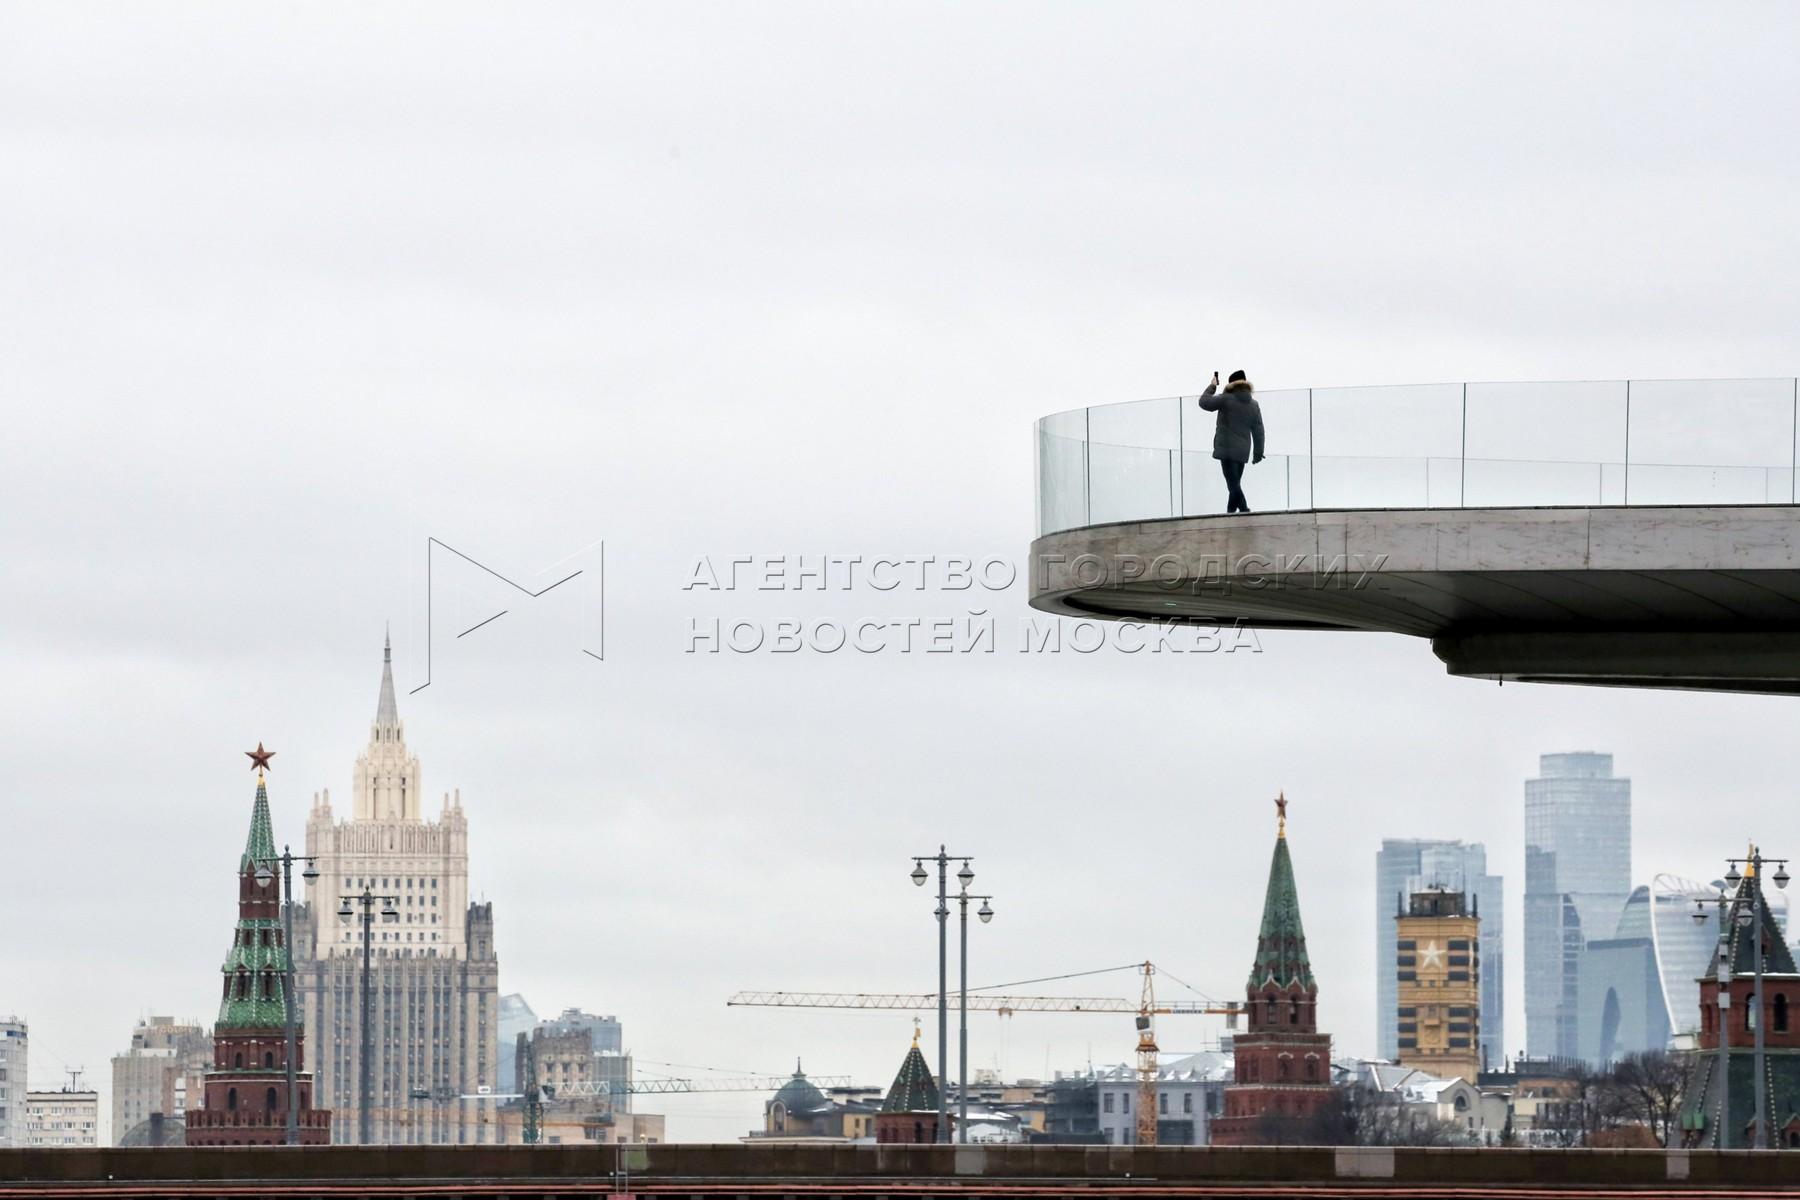 Городские жанры и виды. Ноябрь 2020 года в Москве.